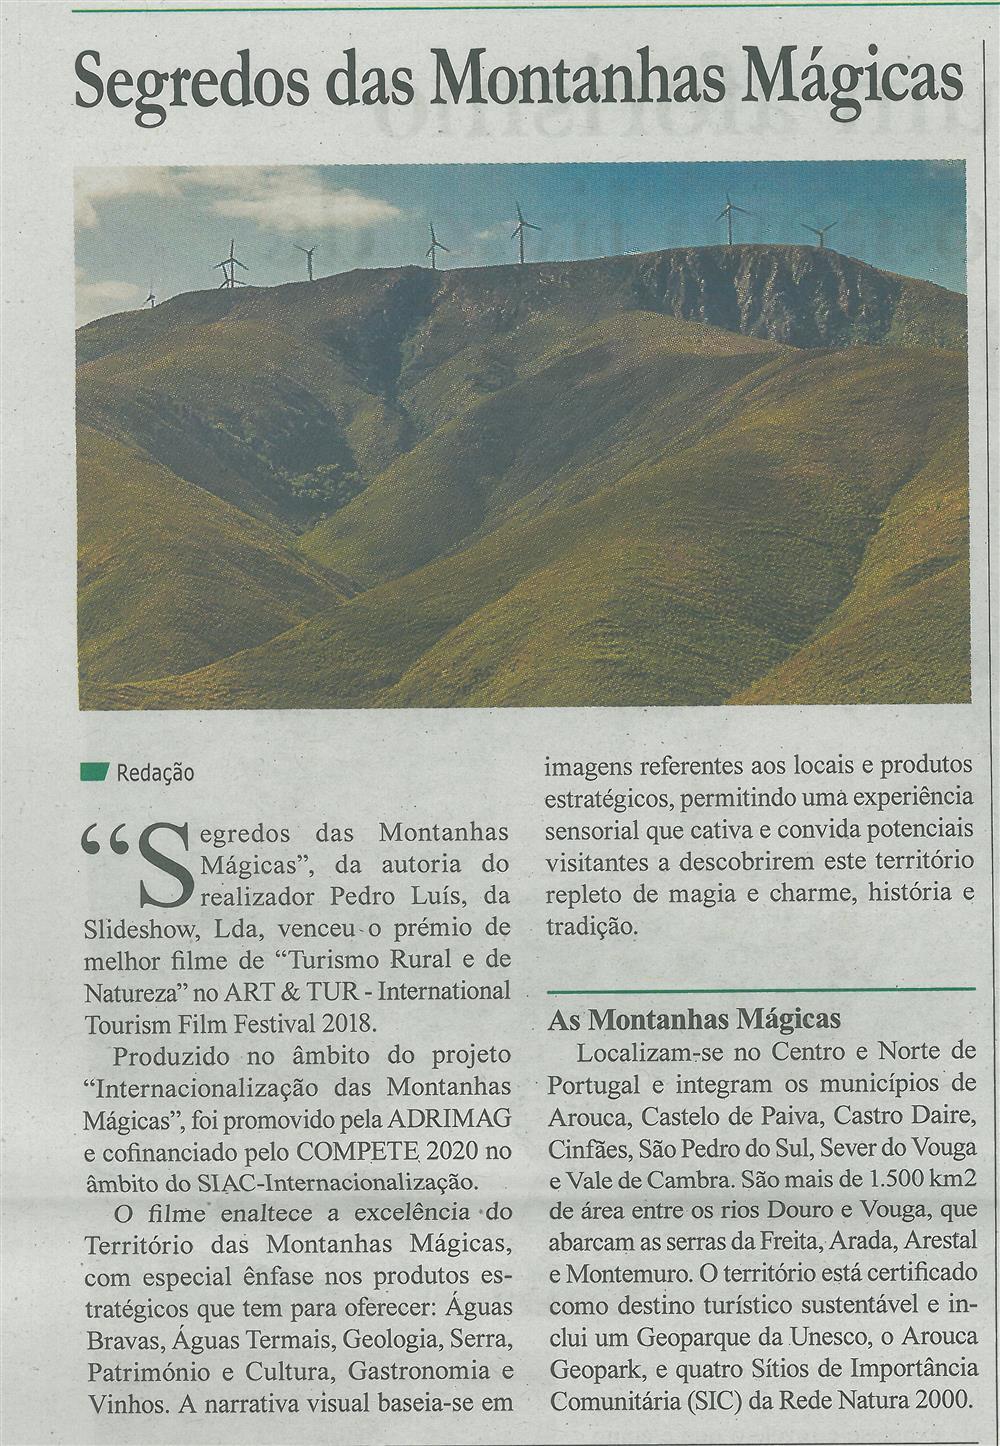 GB-08nov.'18-p.6-Segredos das Montanhas Mágicas.jpg